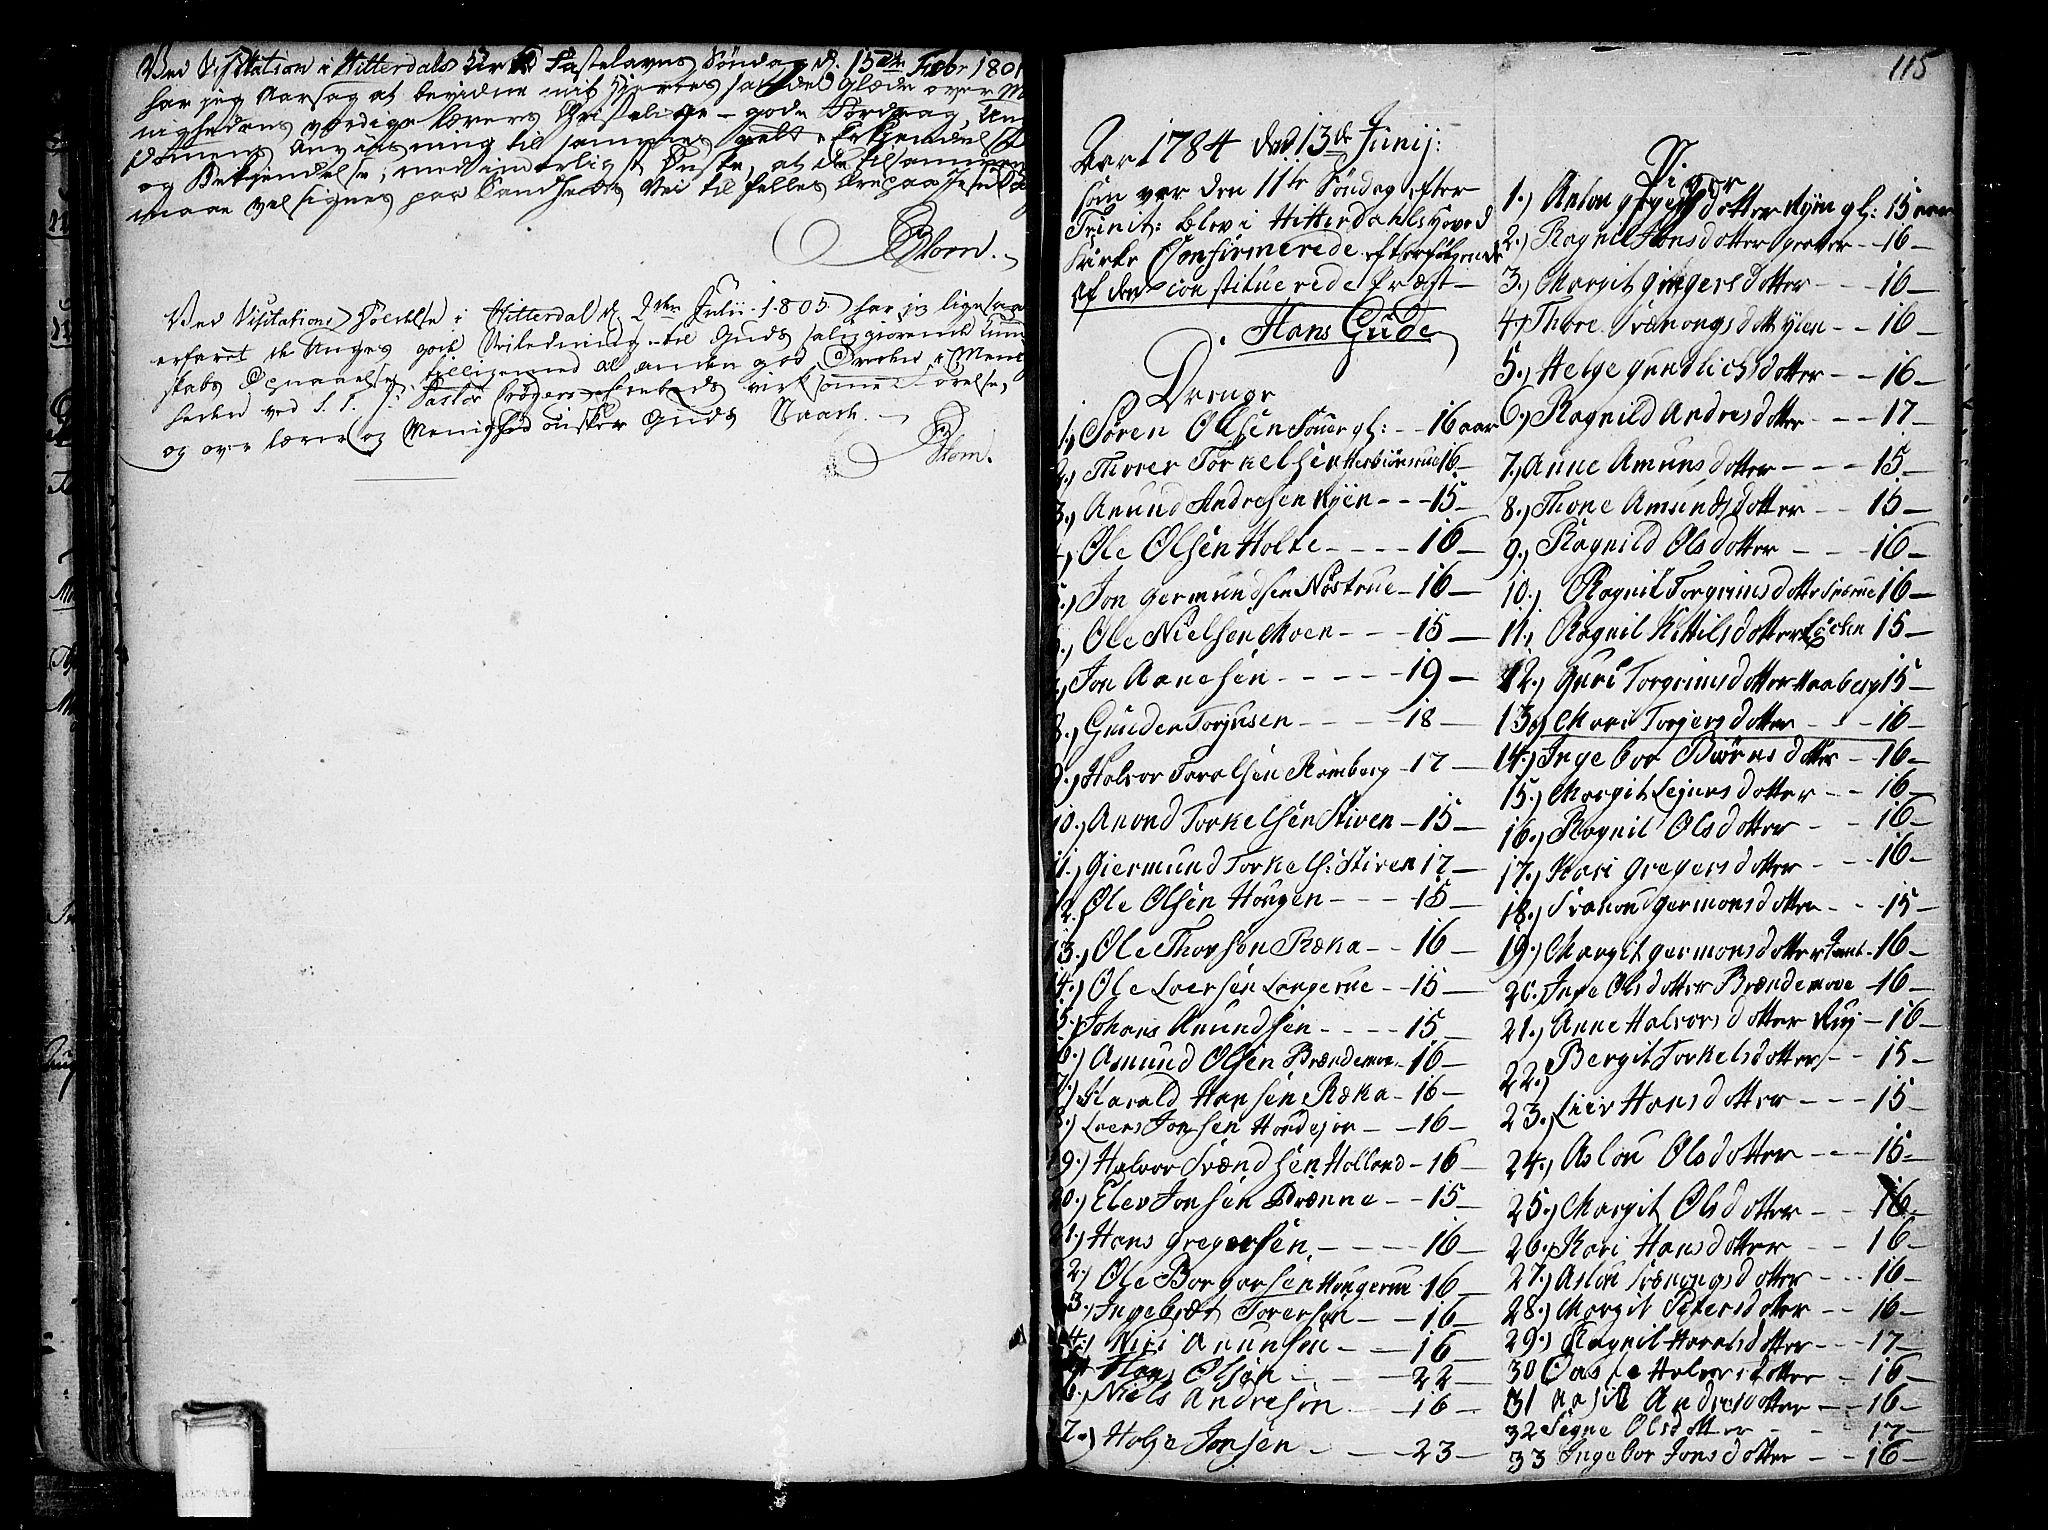 SAKO, Heddal kirkebøker, F/Fa/L0004: Ministerialbok nr. I 4, 1784-1814, s. 115